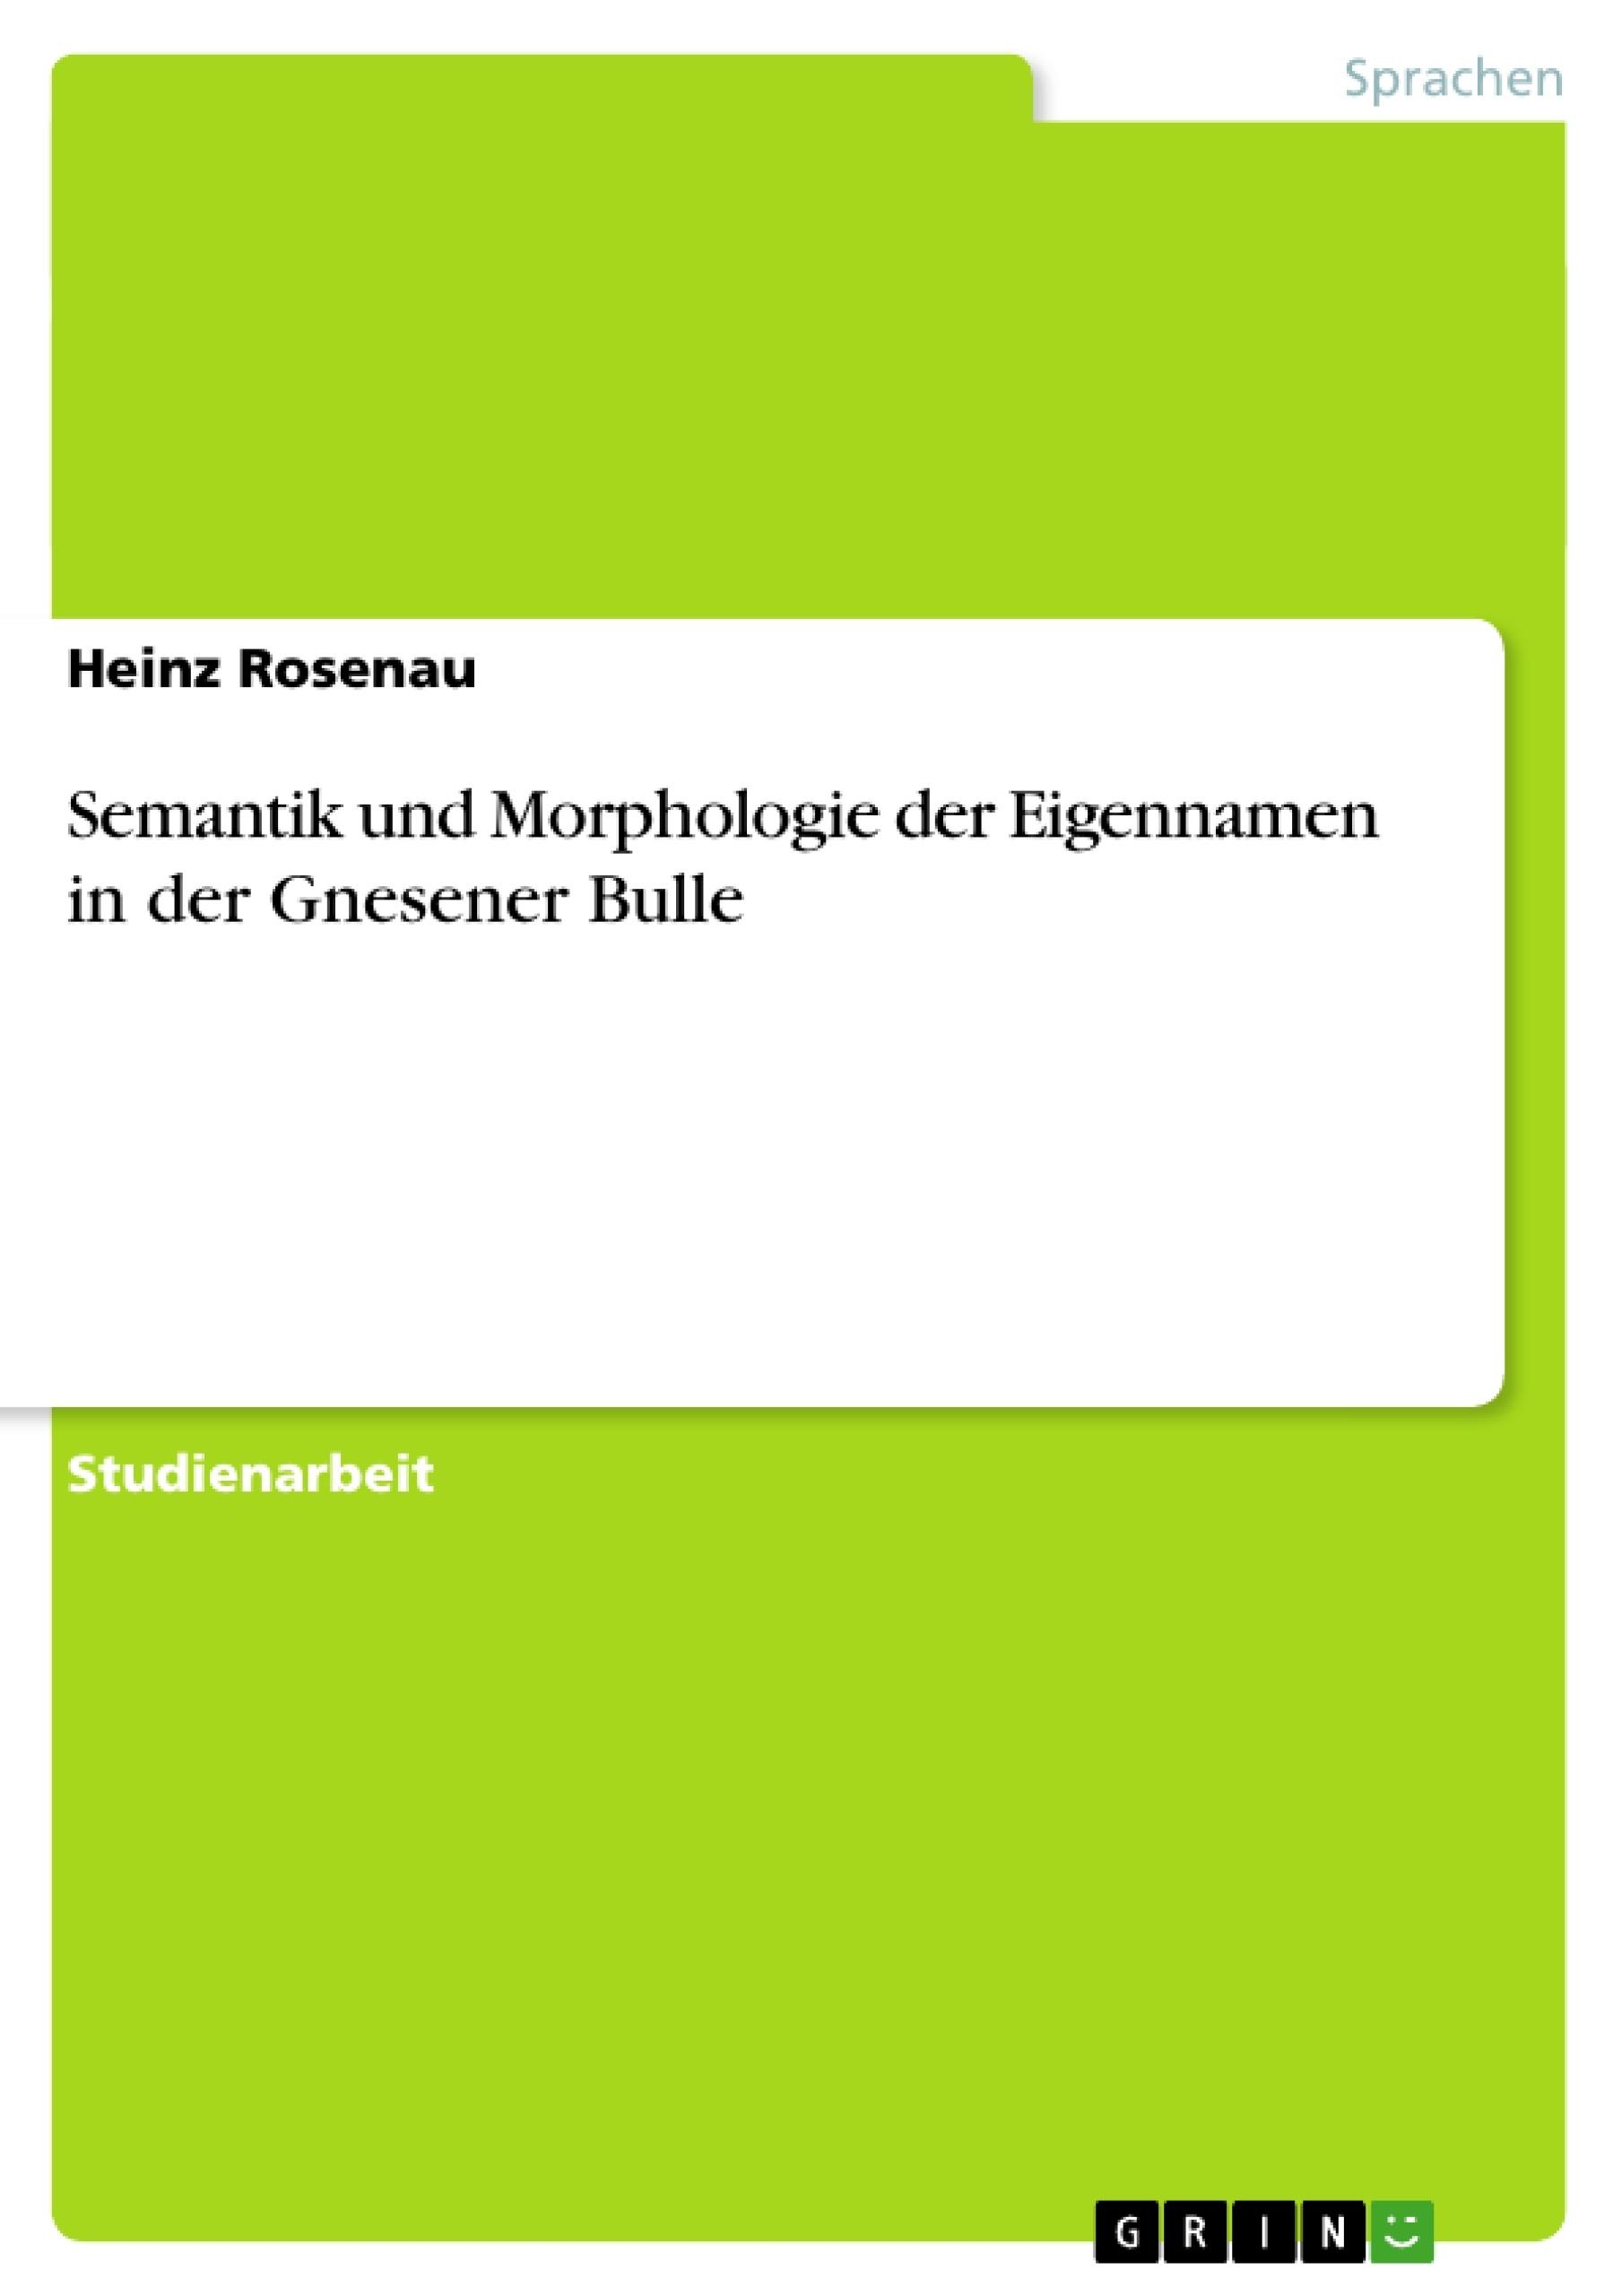 Titel: Semantik und Morphologie der Eigennamen in der Gnesener Bulle